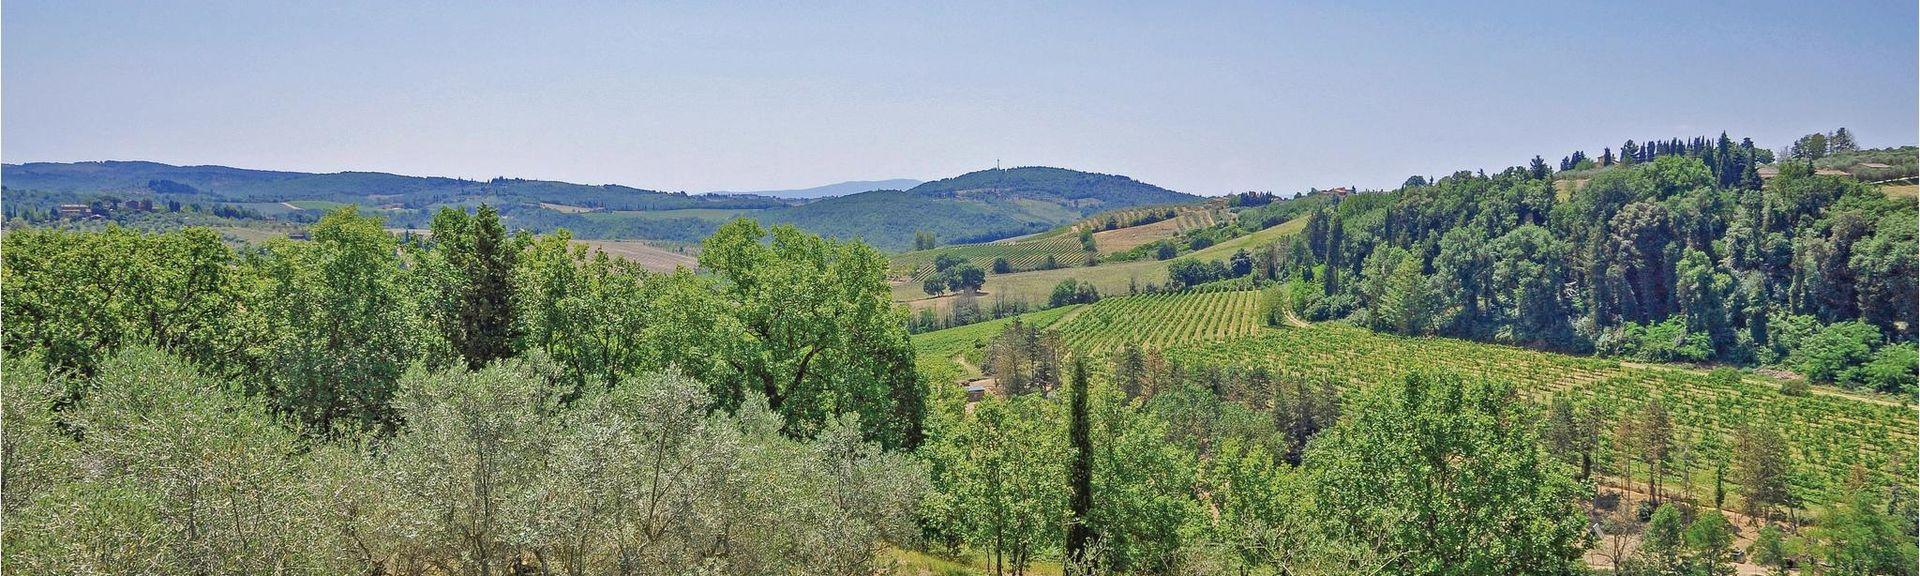 Serravalle Pistoiese, Toscane, Italië